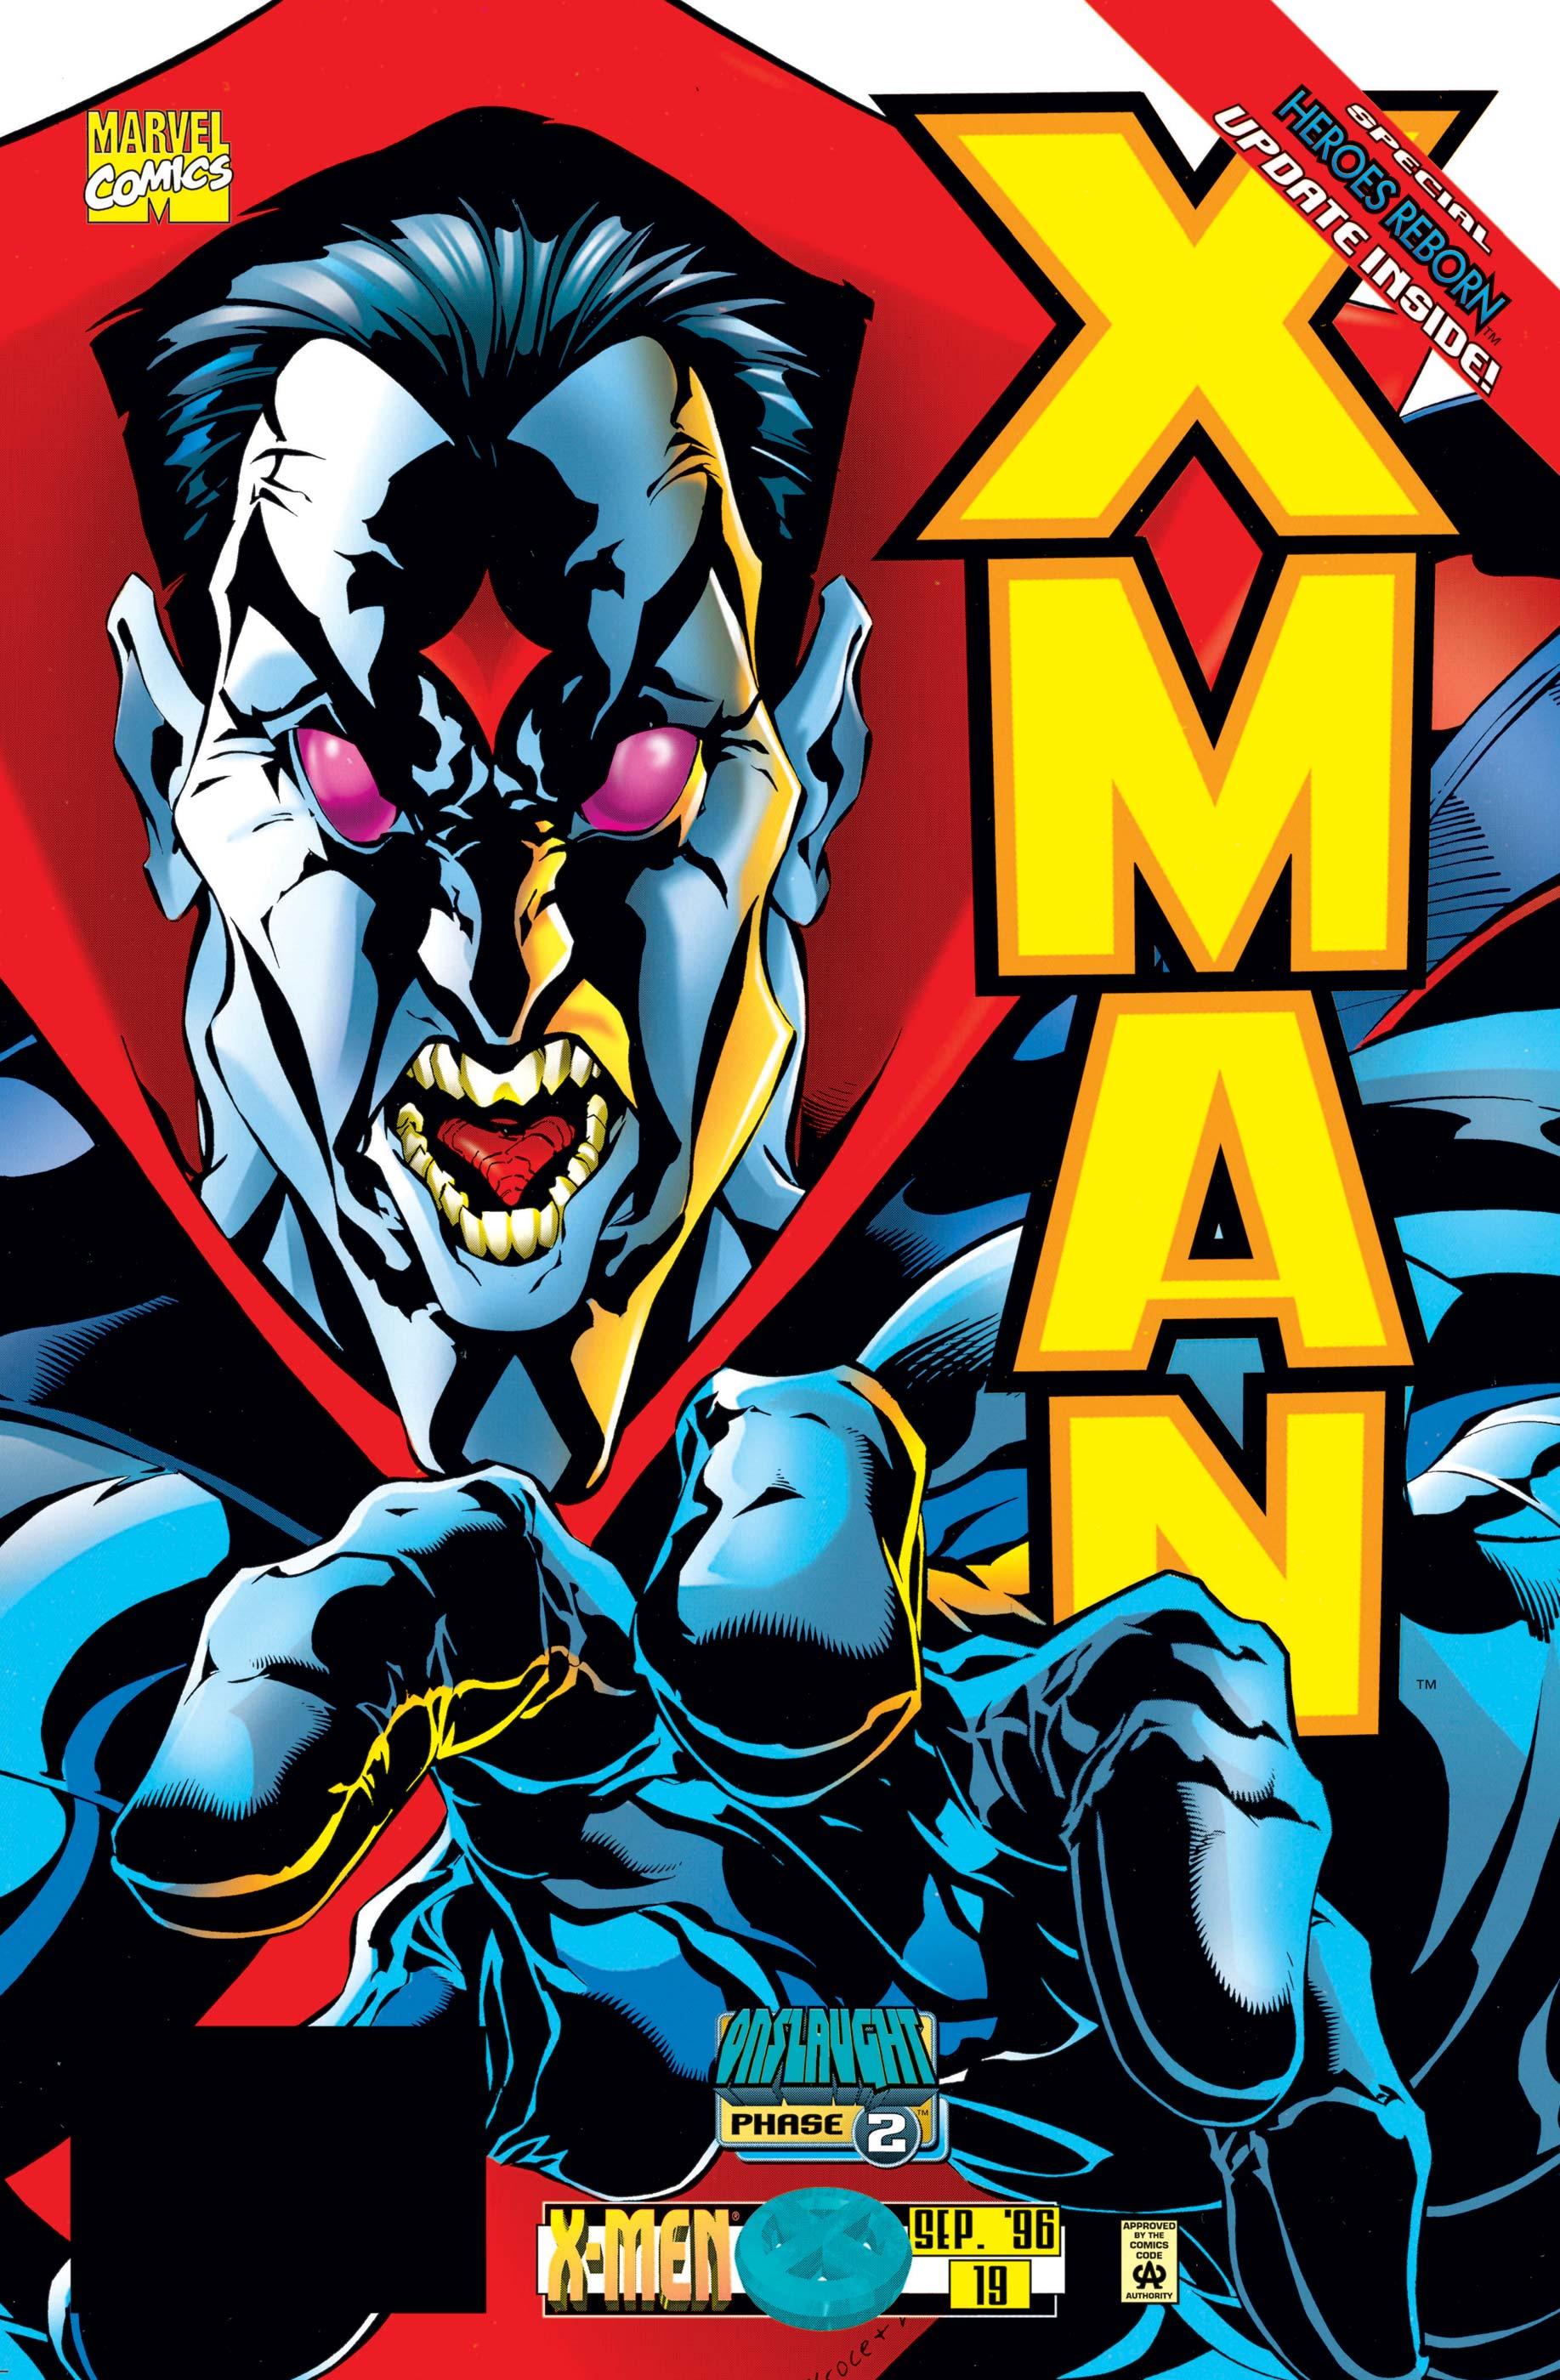 X-Man (1995) #19